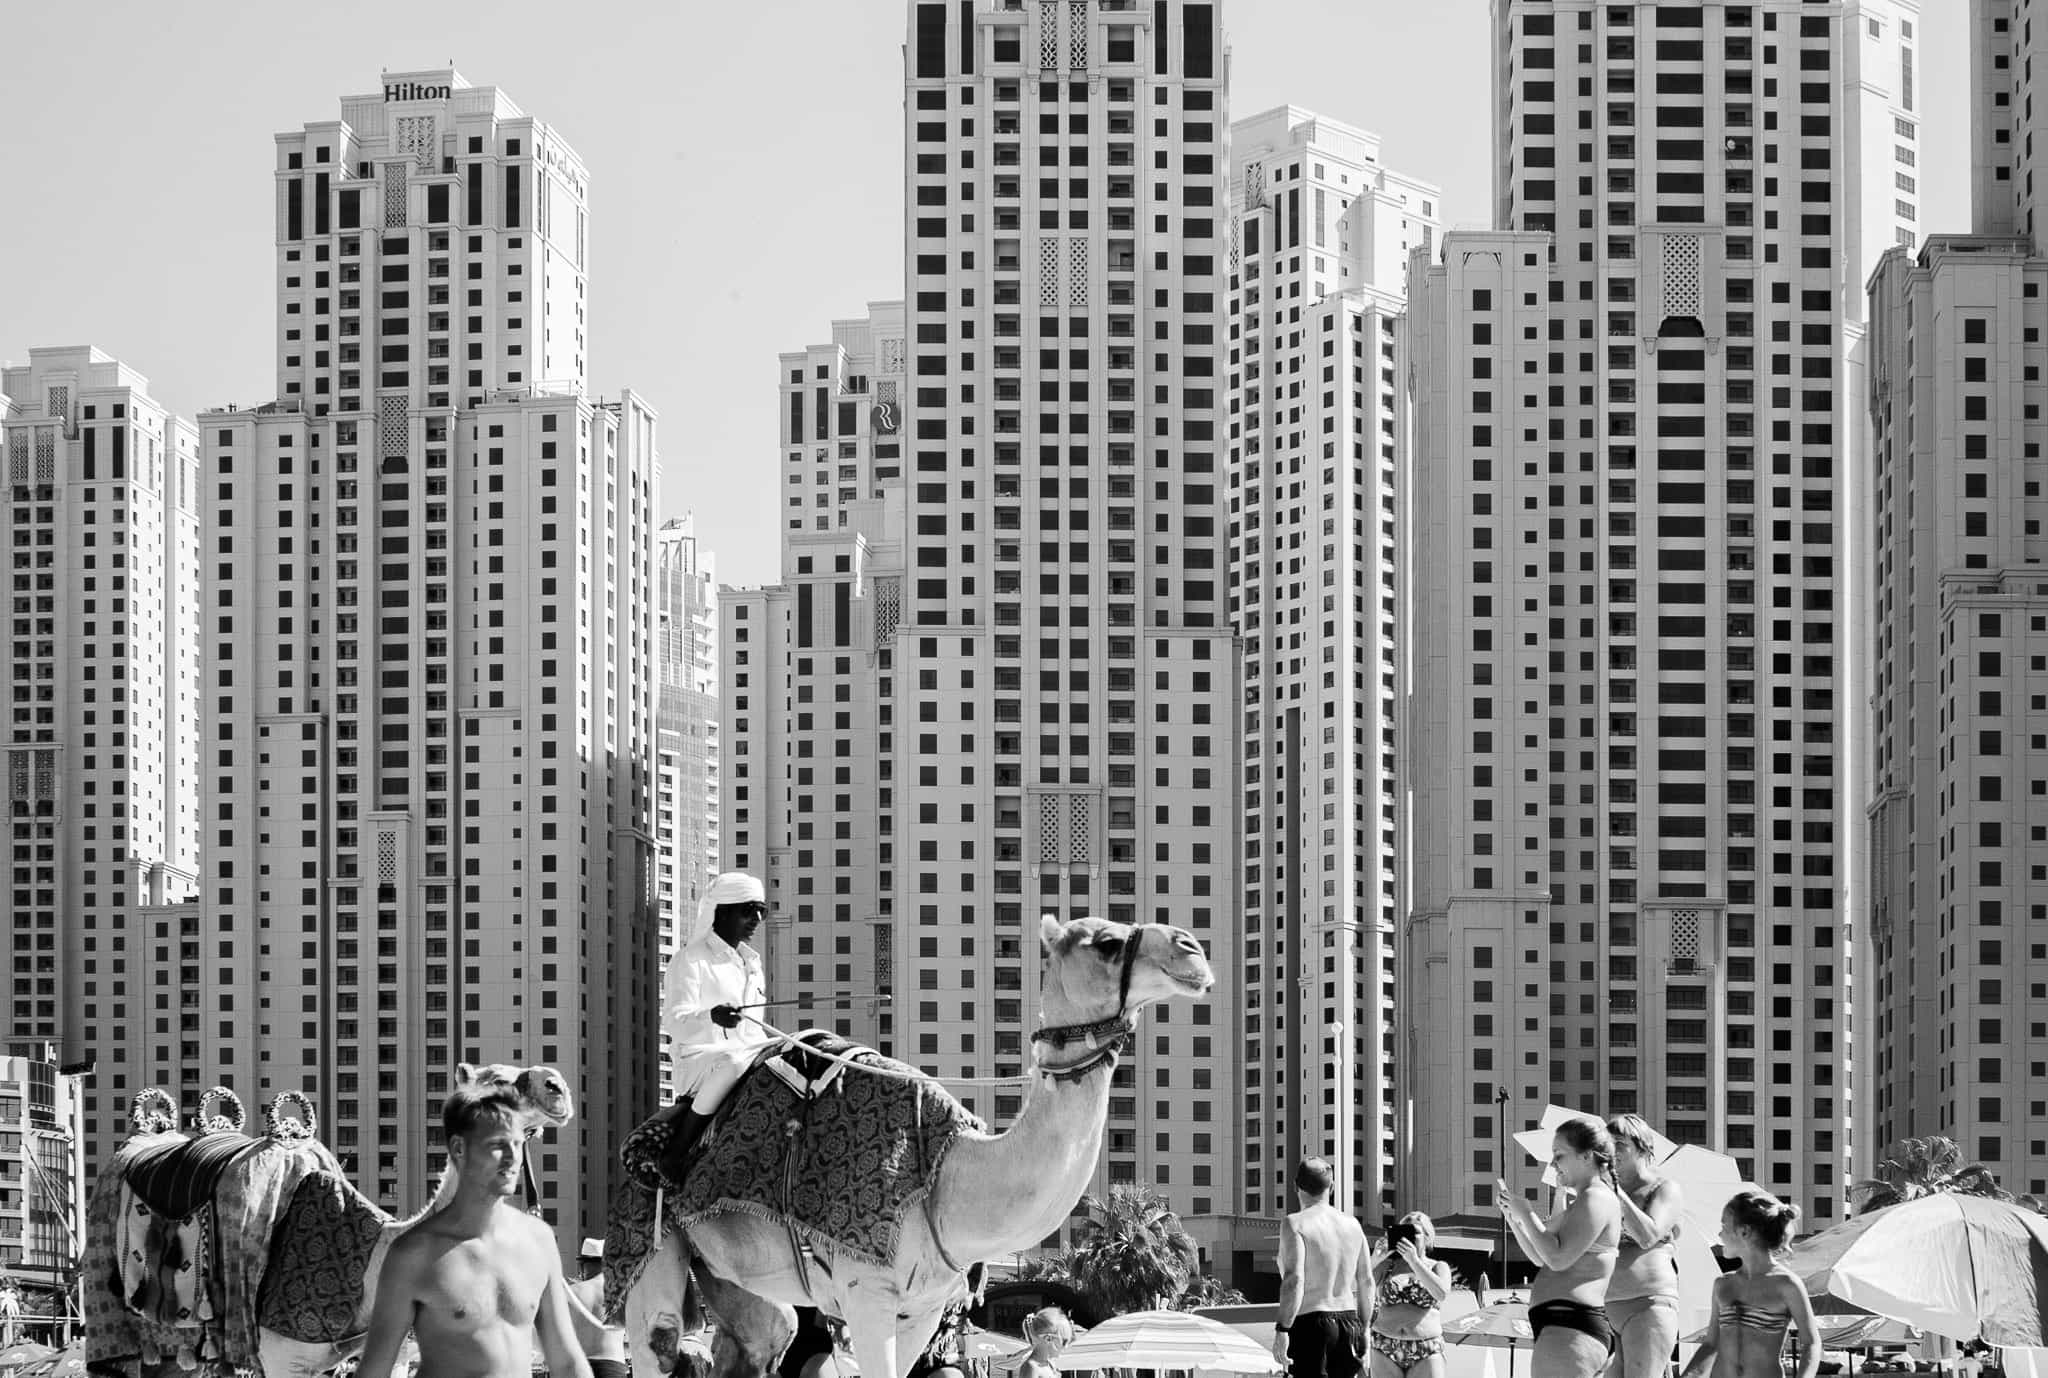 fotografie personali viaggio a dubai00021